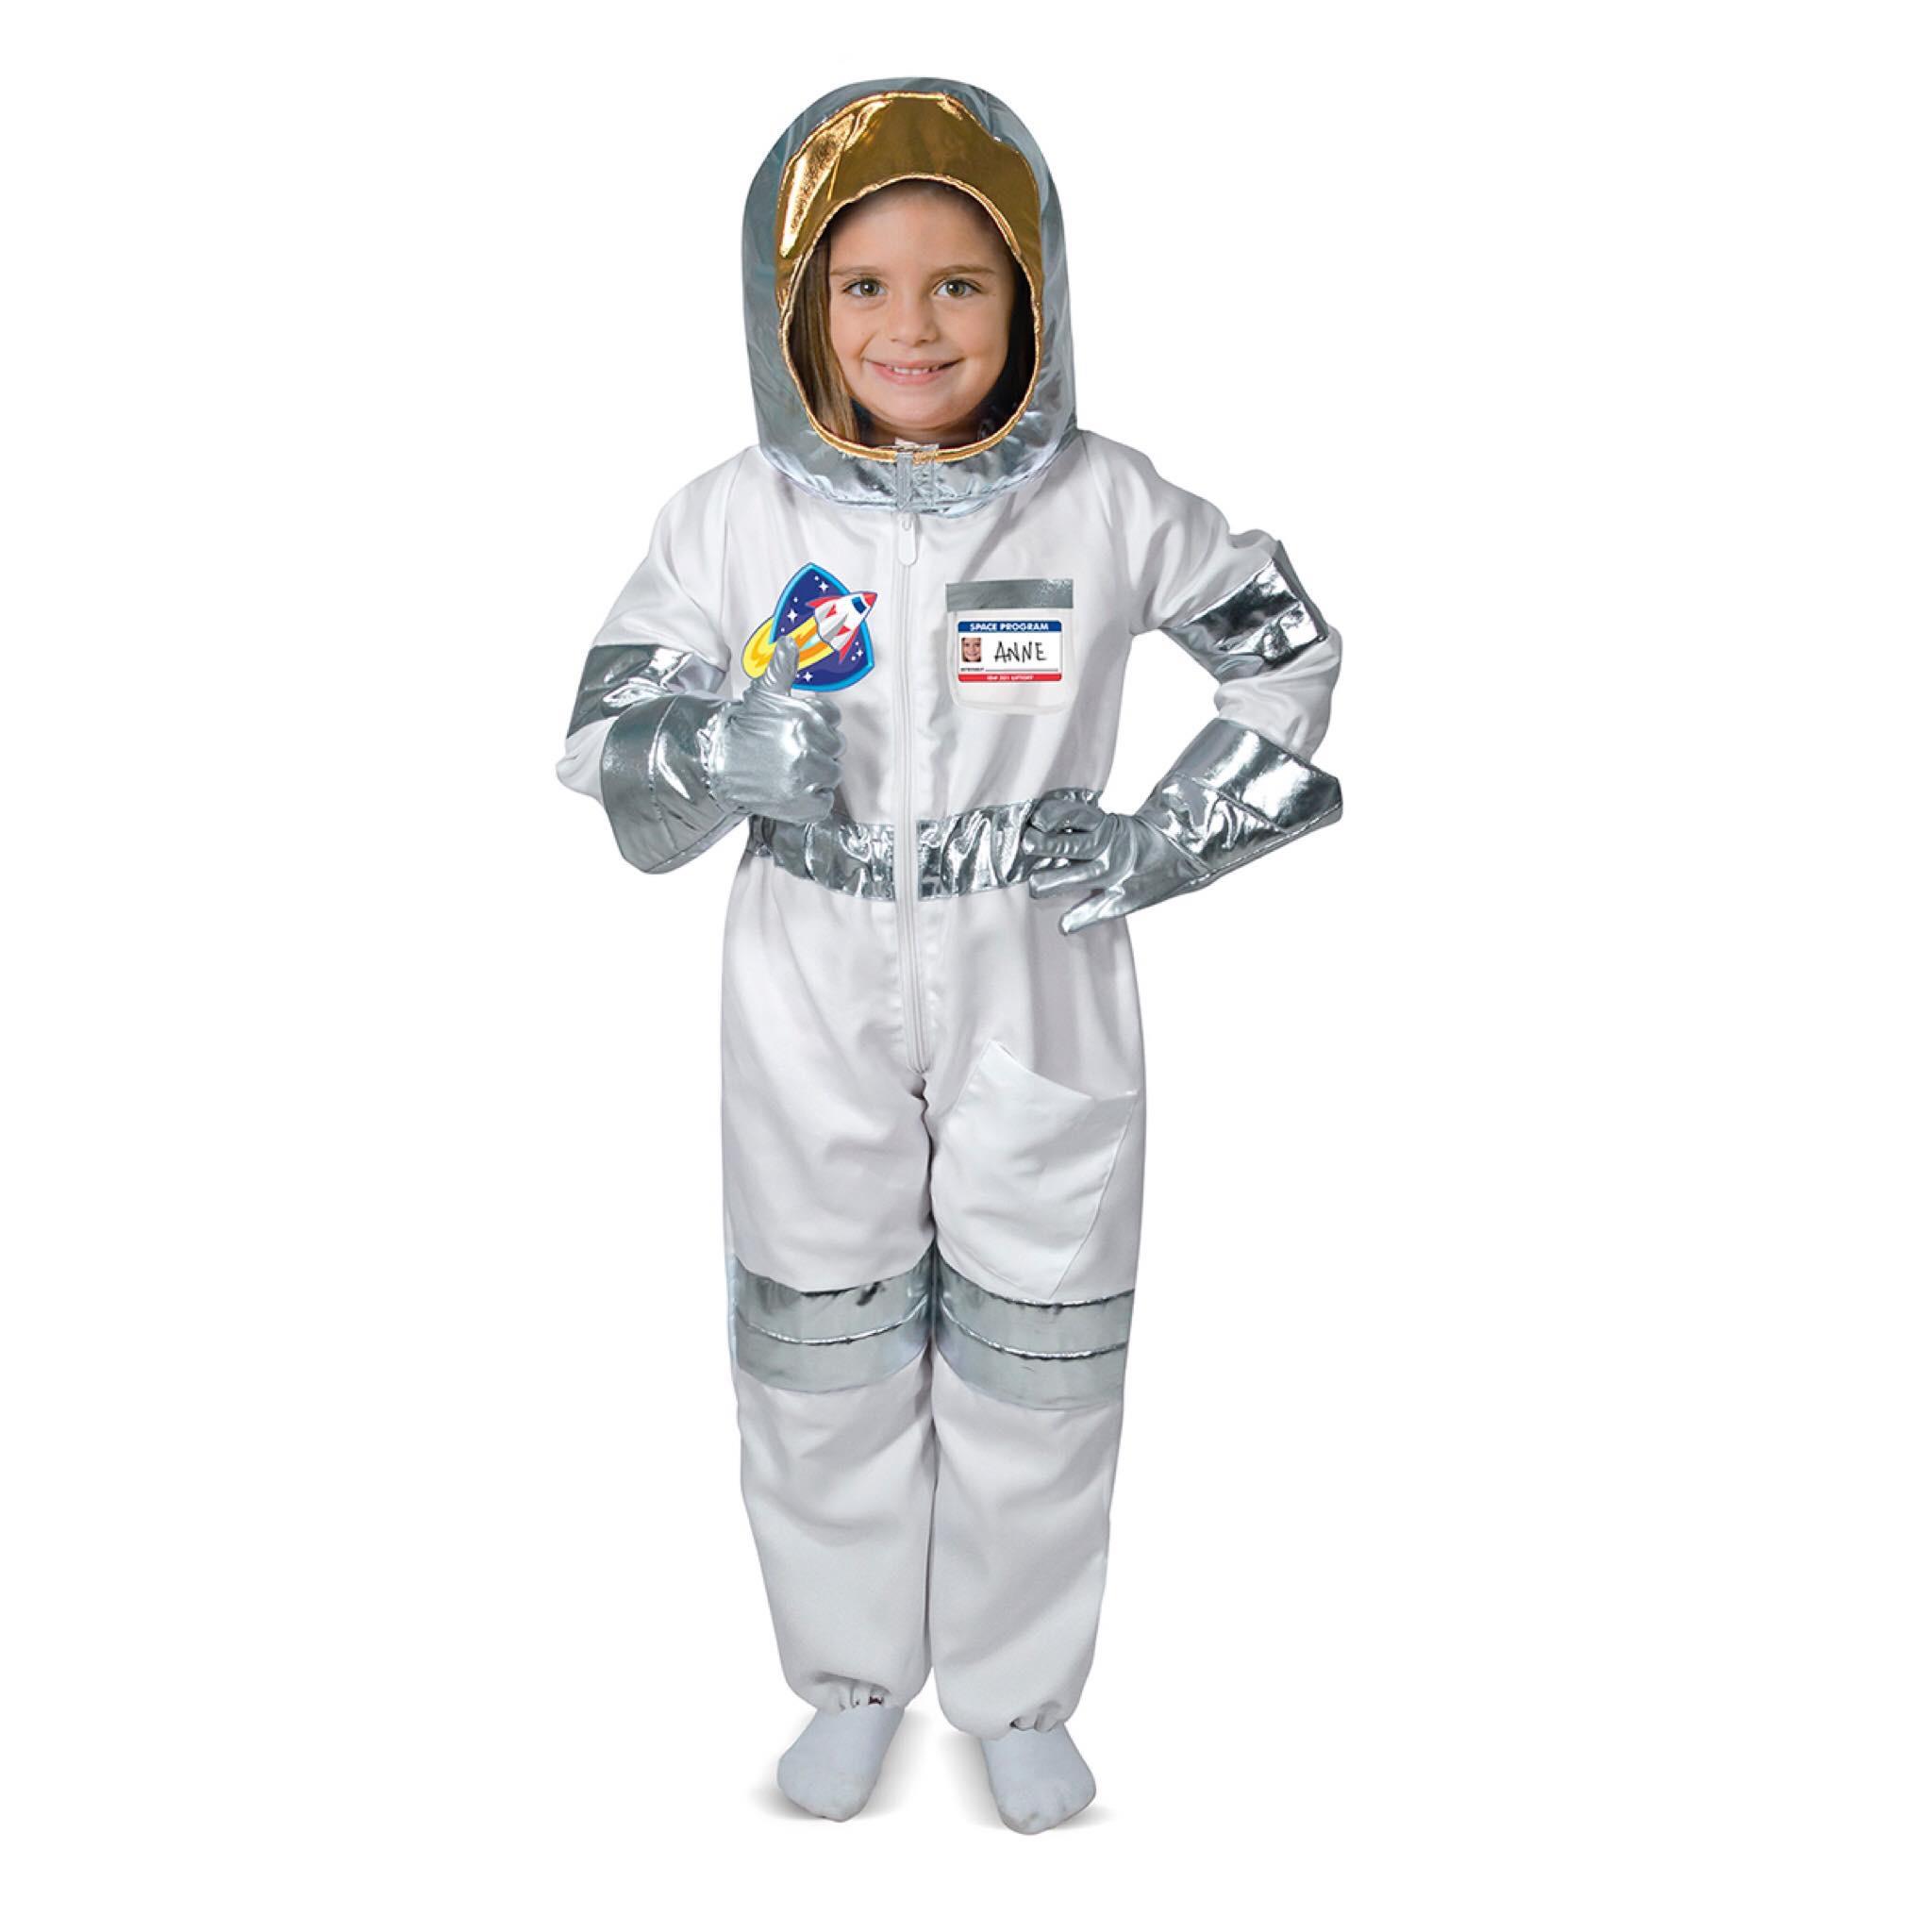 ชุดแฟนซีคอสตูมพร้อมอุปกรณ์สุดน่ารัก Melissa & Doug รุ่น Role Play Costume Set (Astronaut)